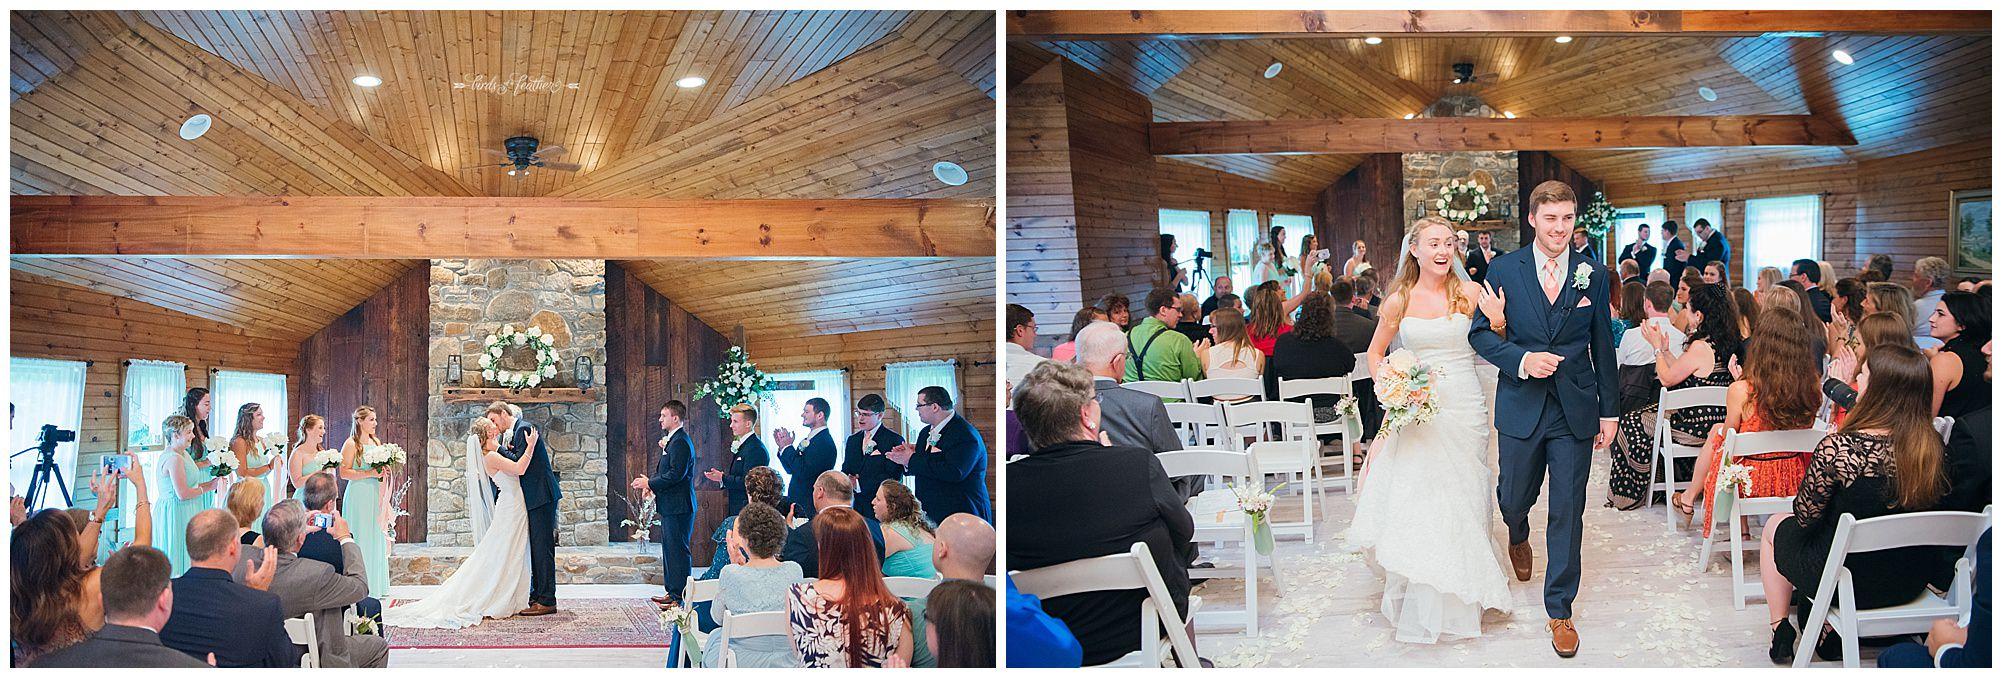 Birds of a Feather Photography Bally Spring Inn Wedding Photographer 17